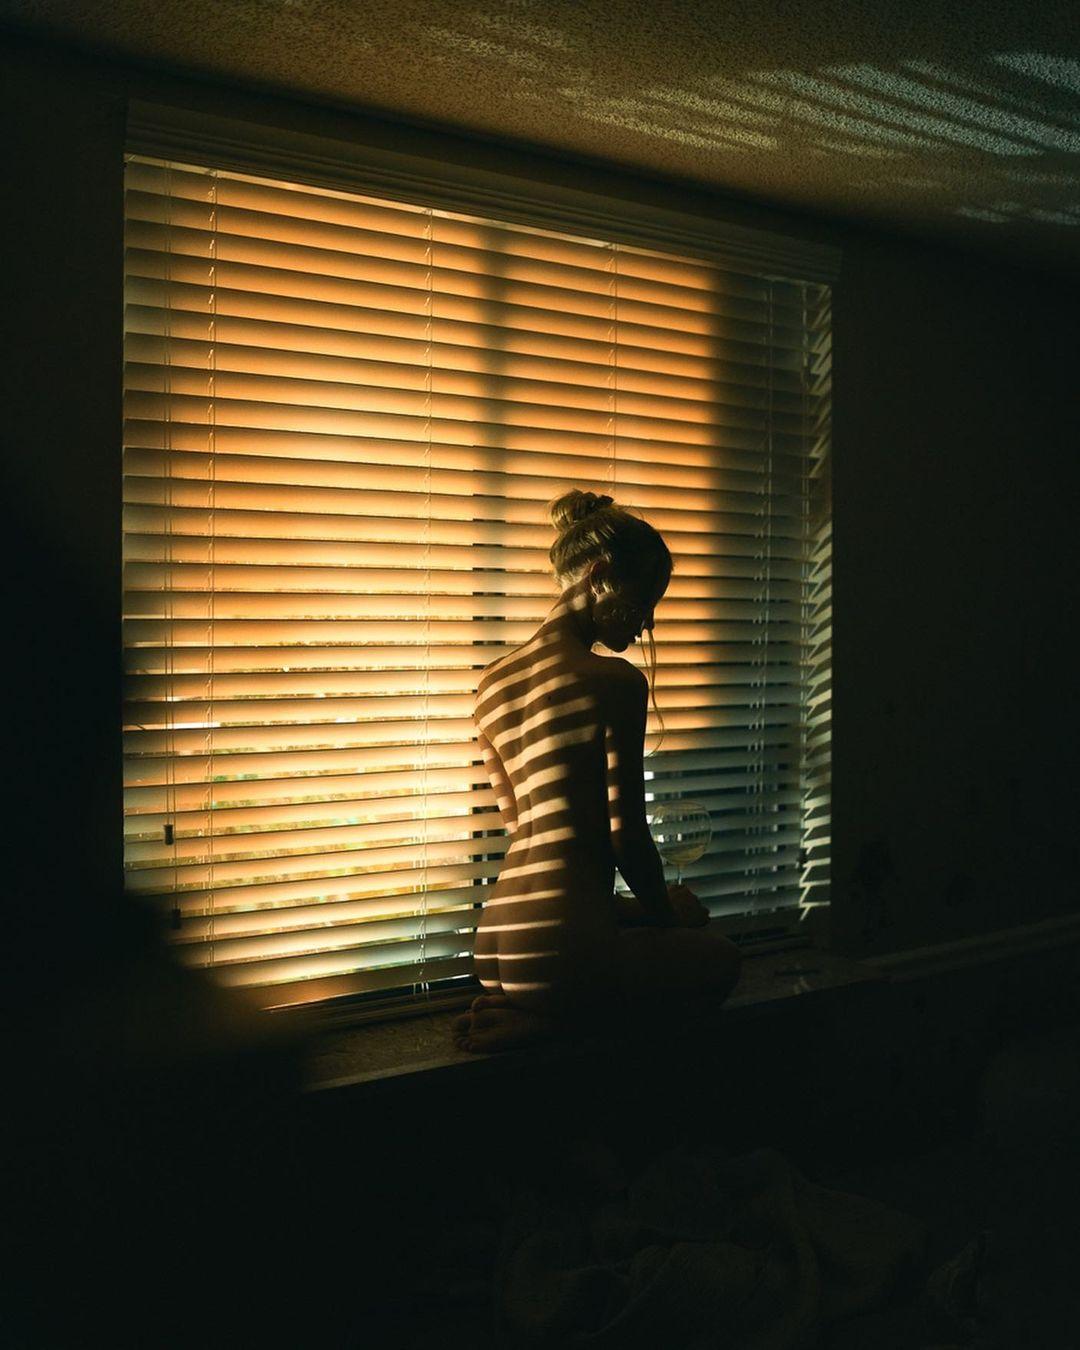 Чувственные портреты девушек от Рида Уолчла